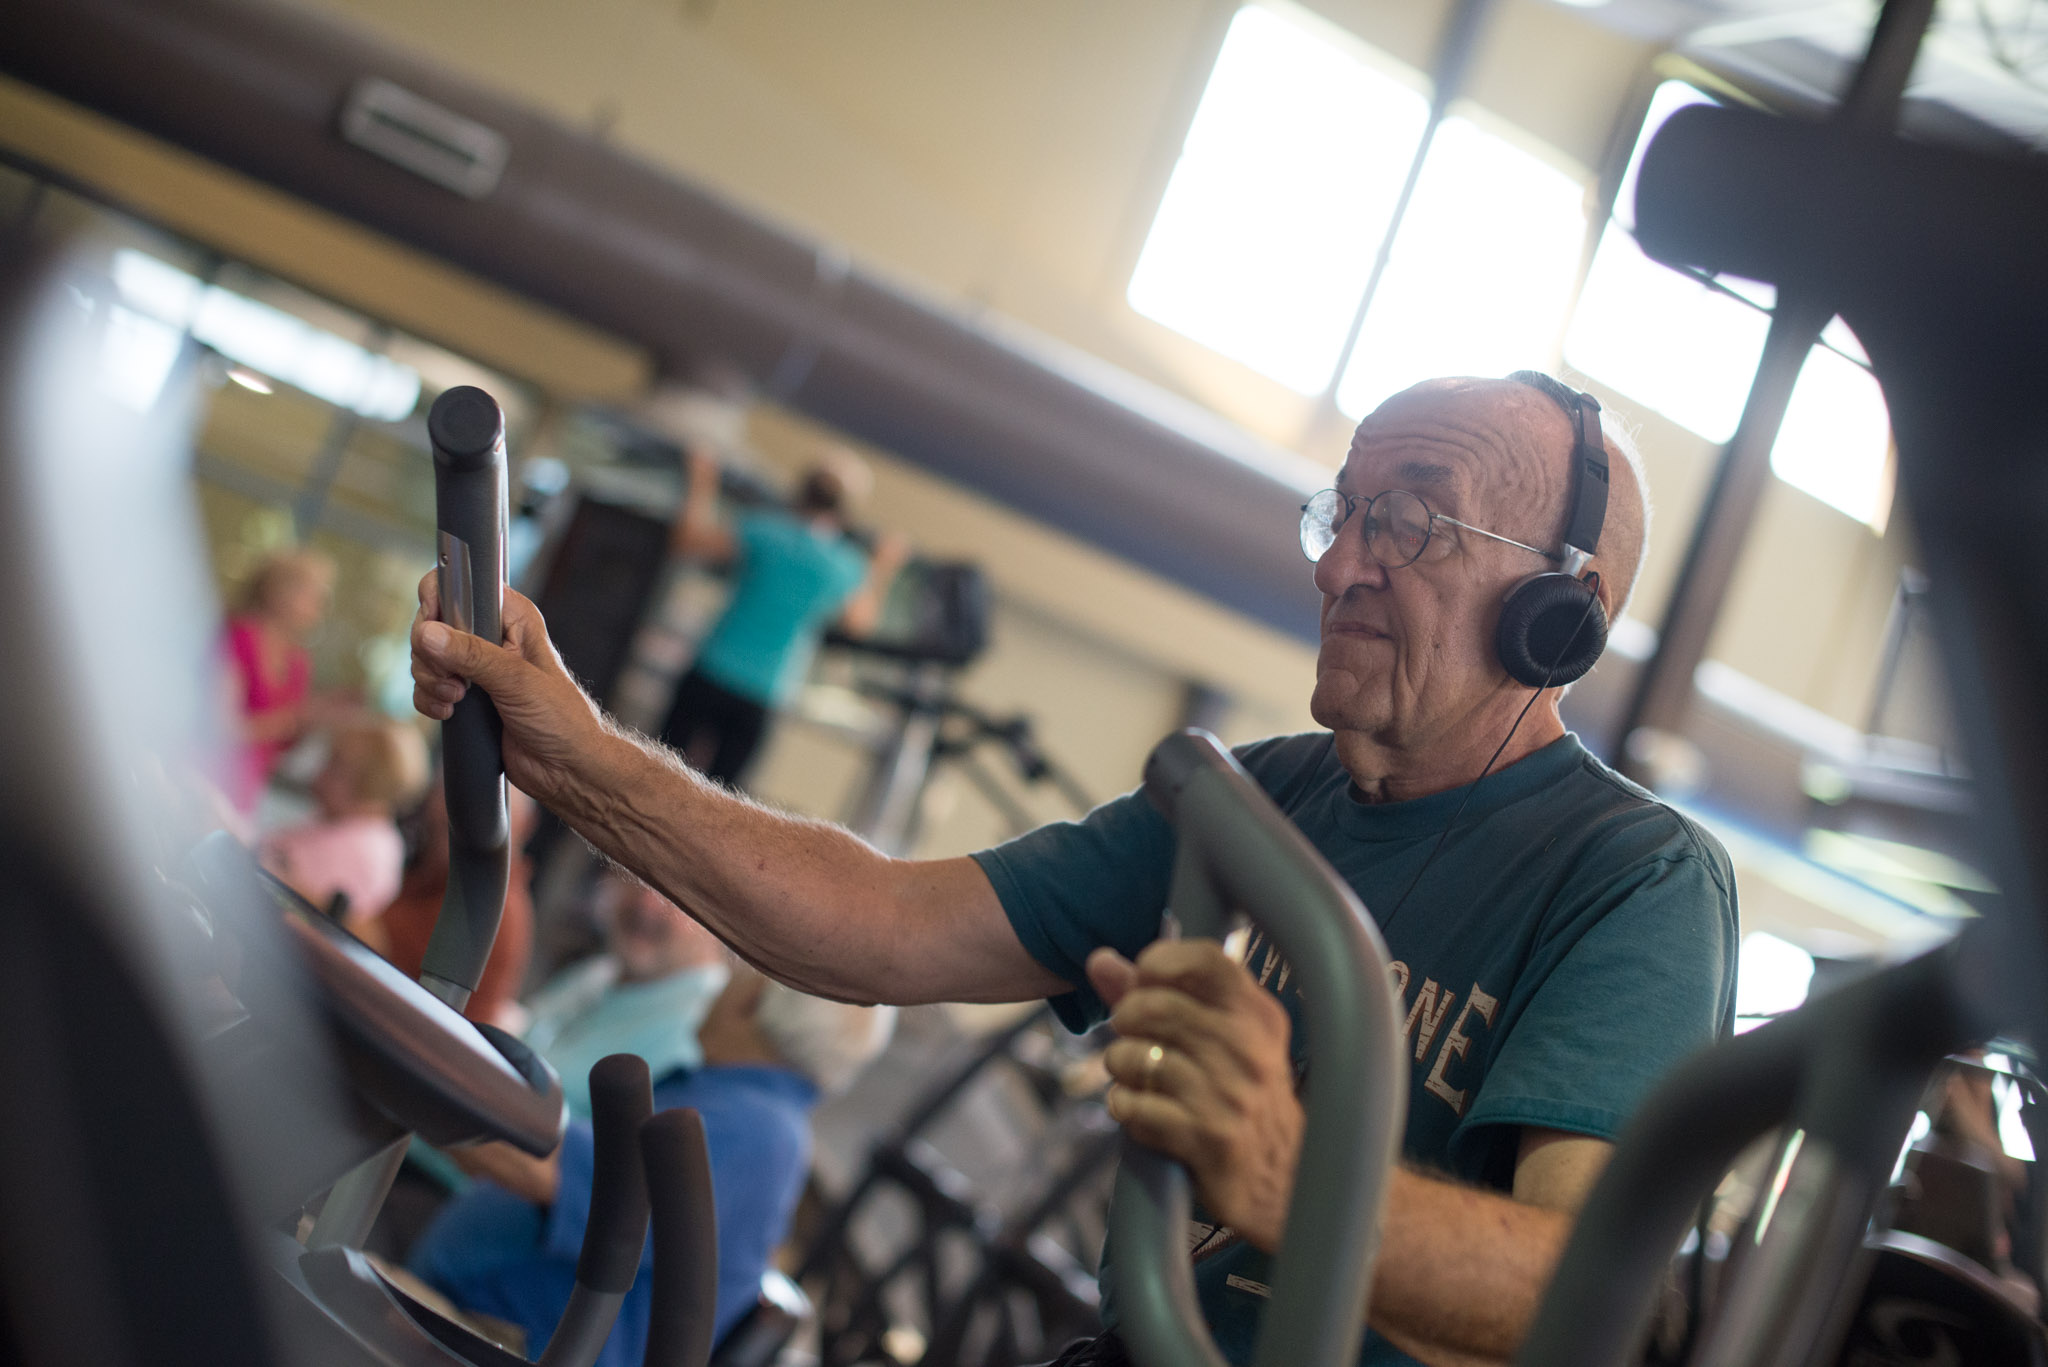 Wellness Center Stock Photos-1163.jpg